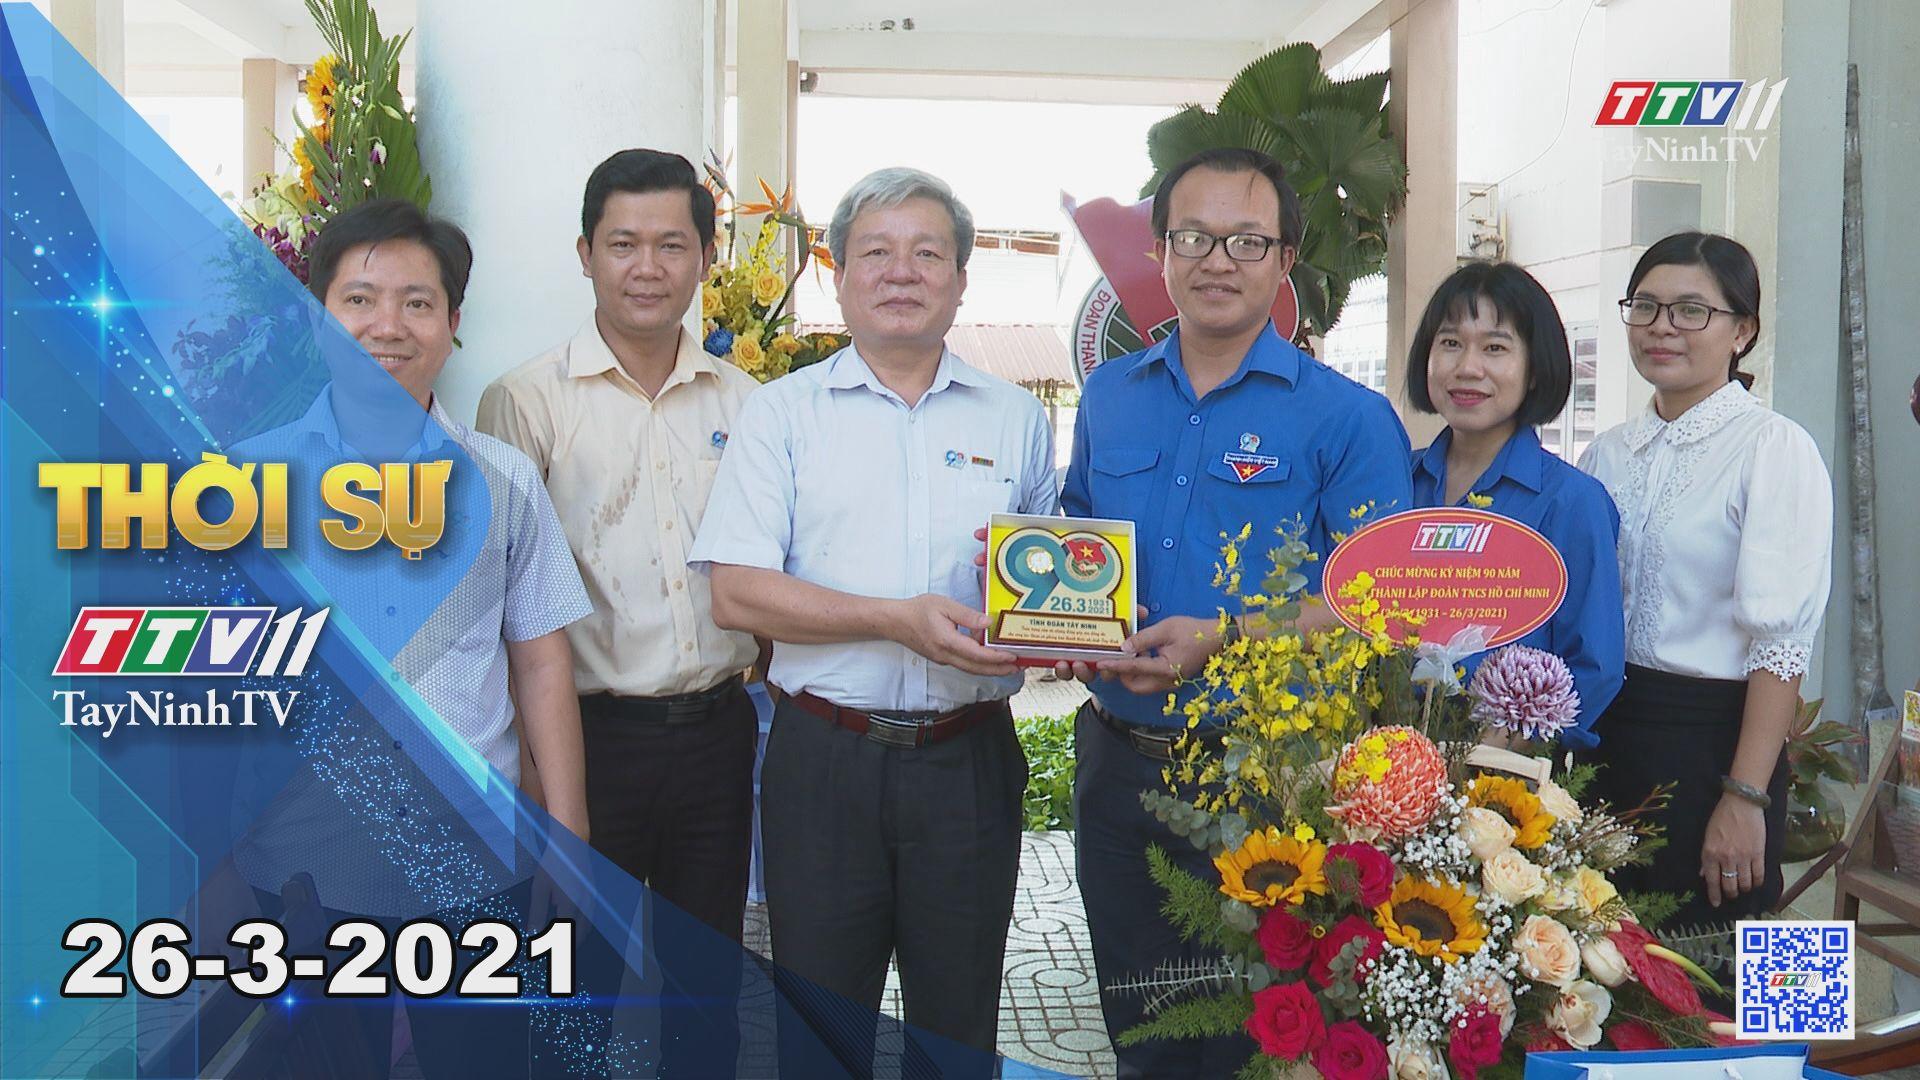 Thời sự Tây Ninh 26-3-2021 | Tin tức hôm nay | TayNinhTV